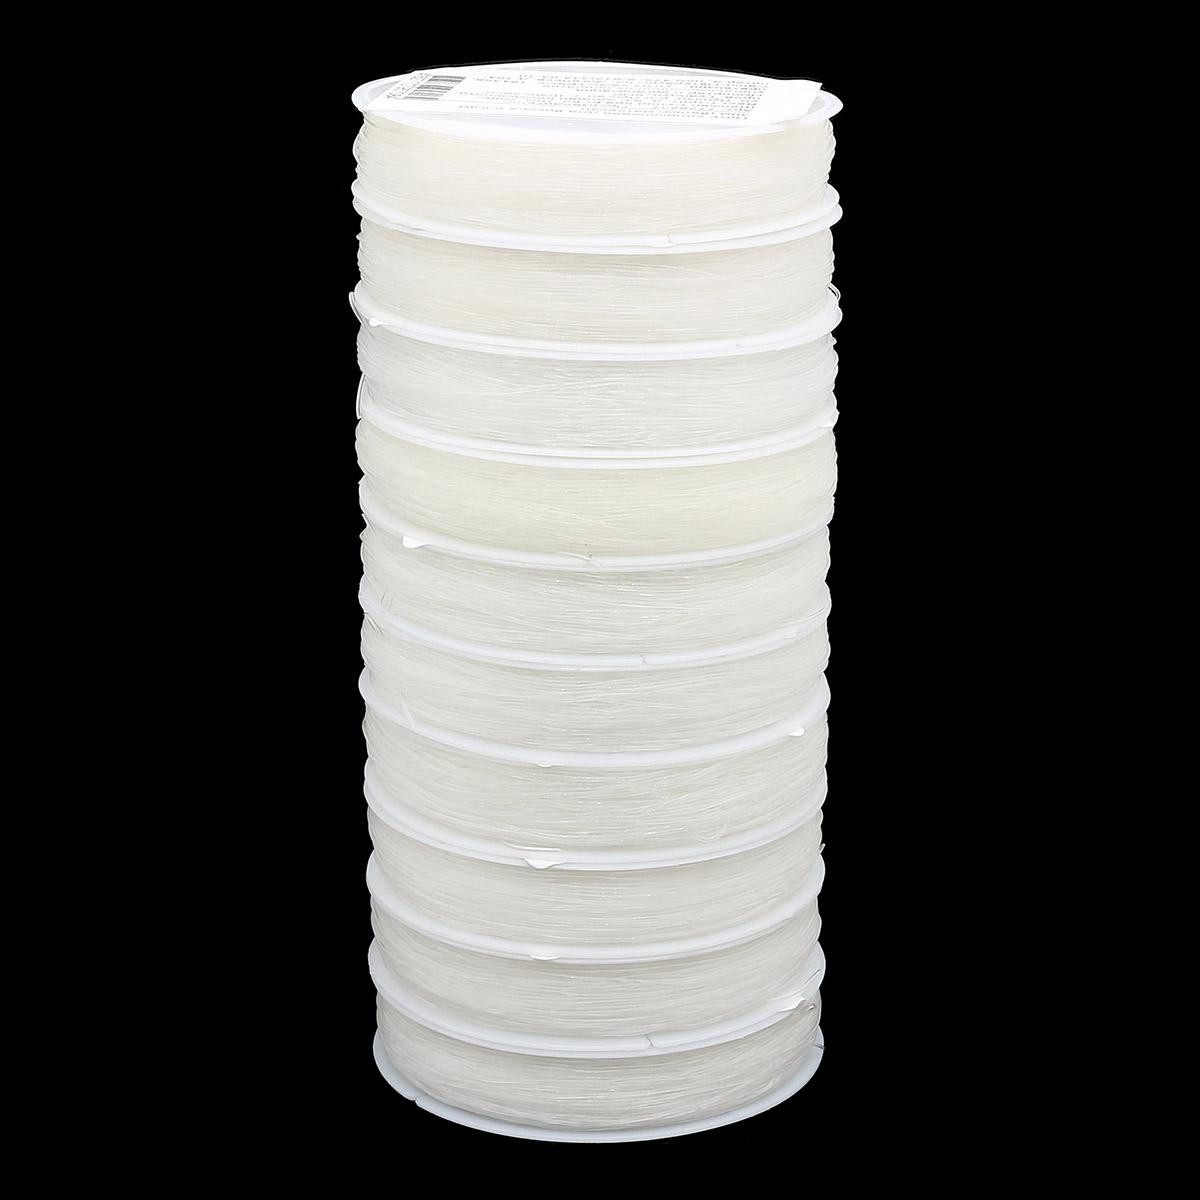 Нить силиконовая для бисера 0,6мм 30м